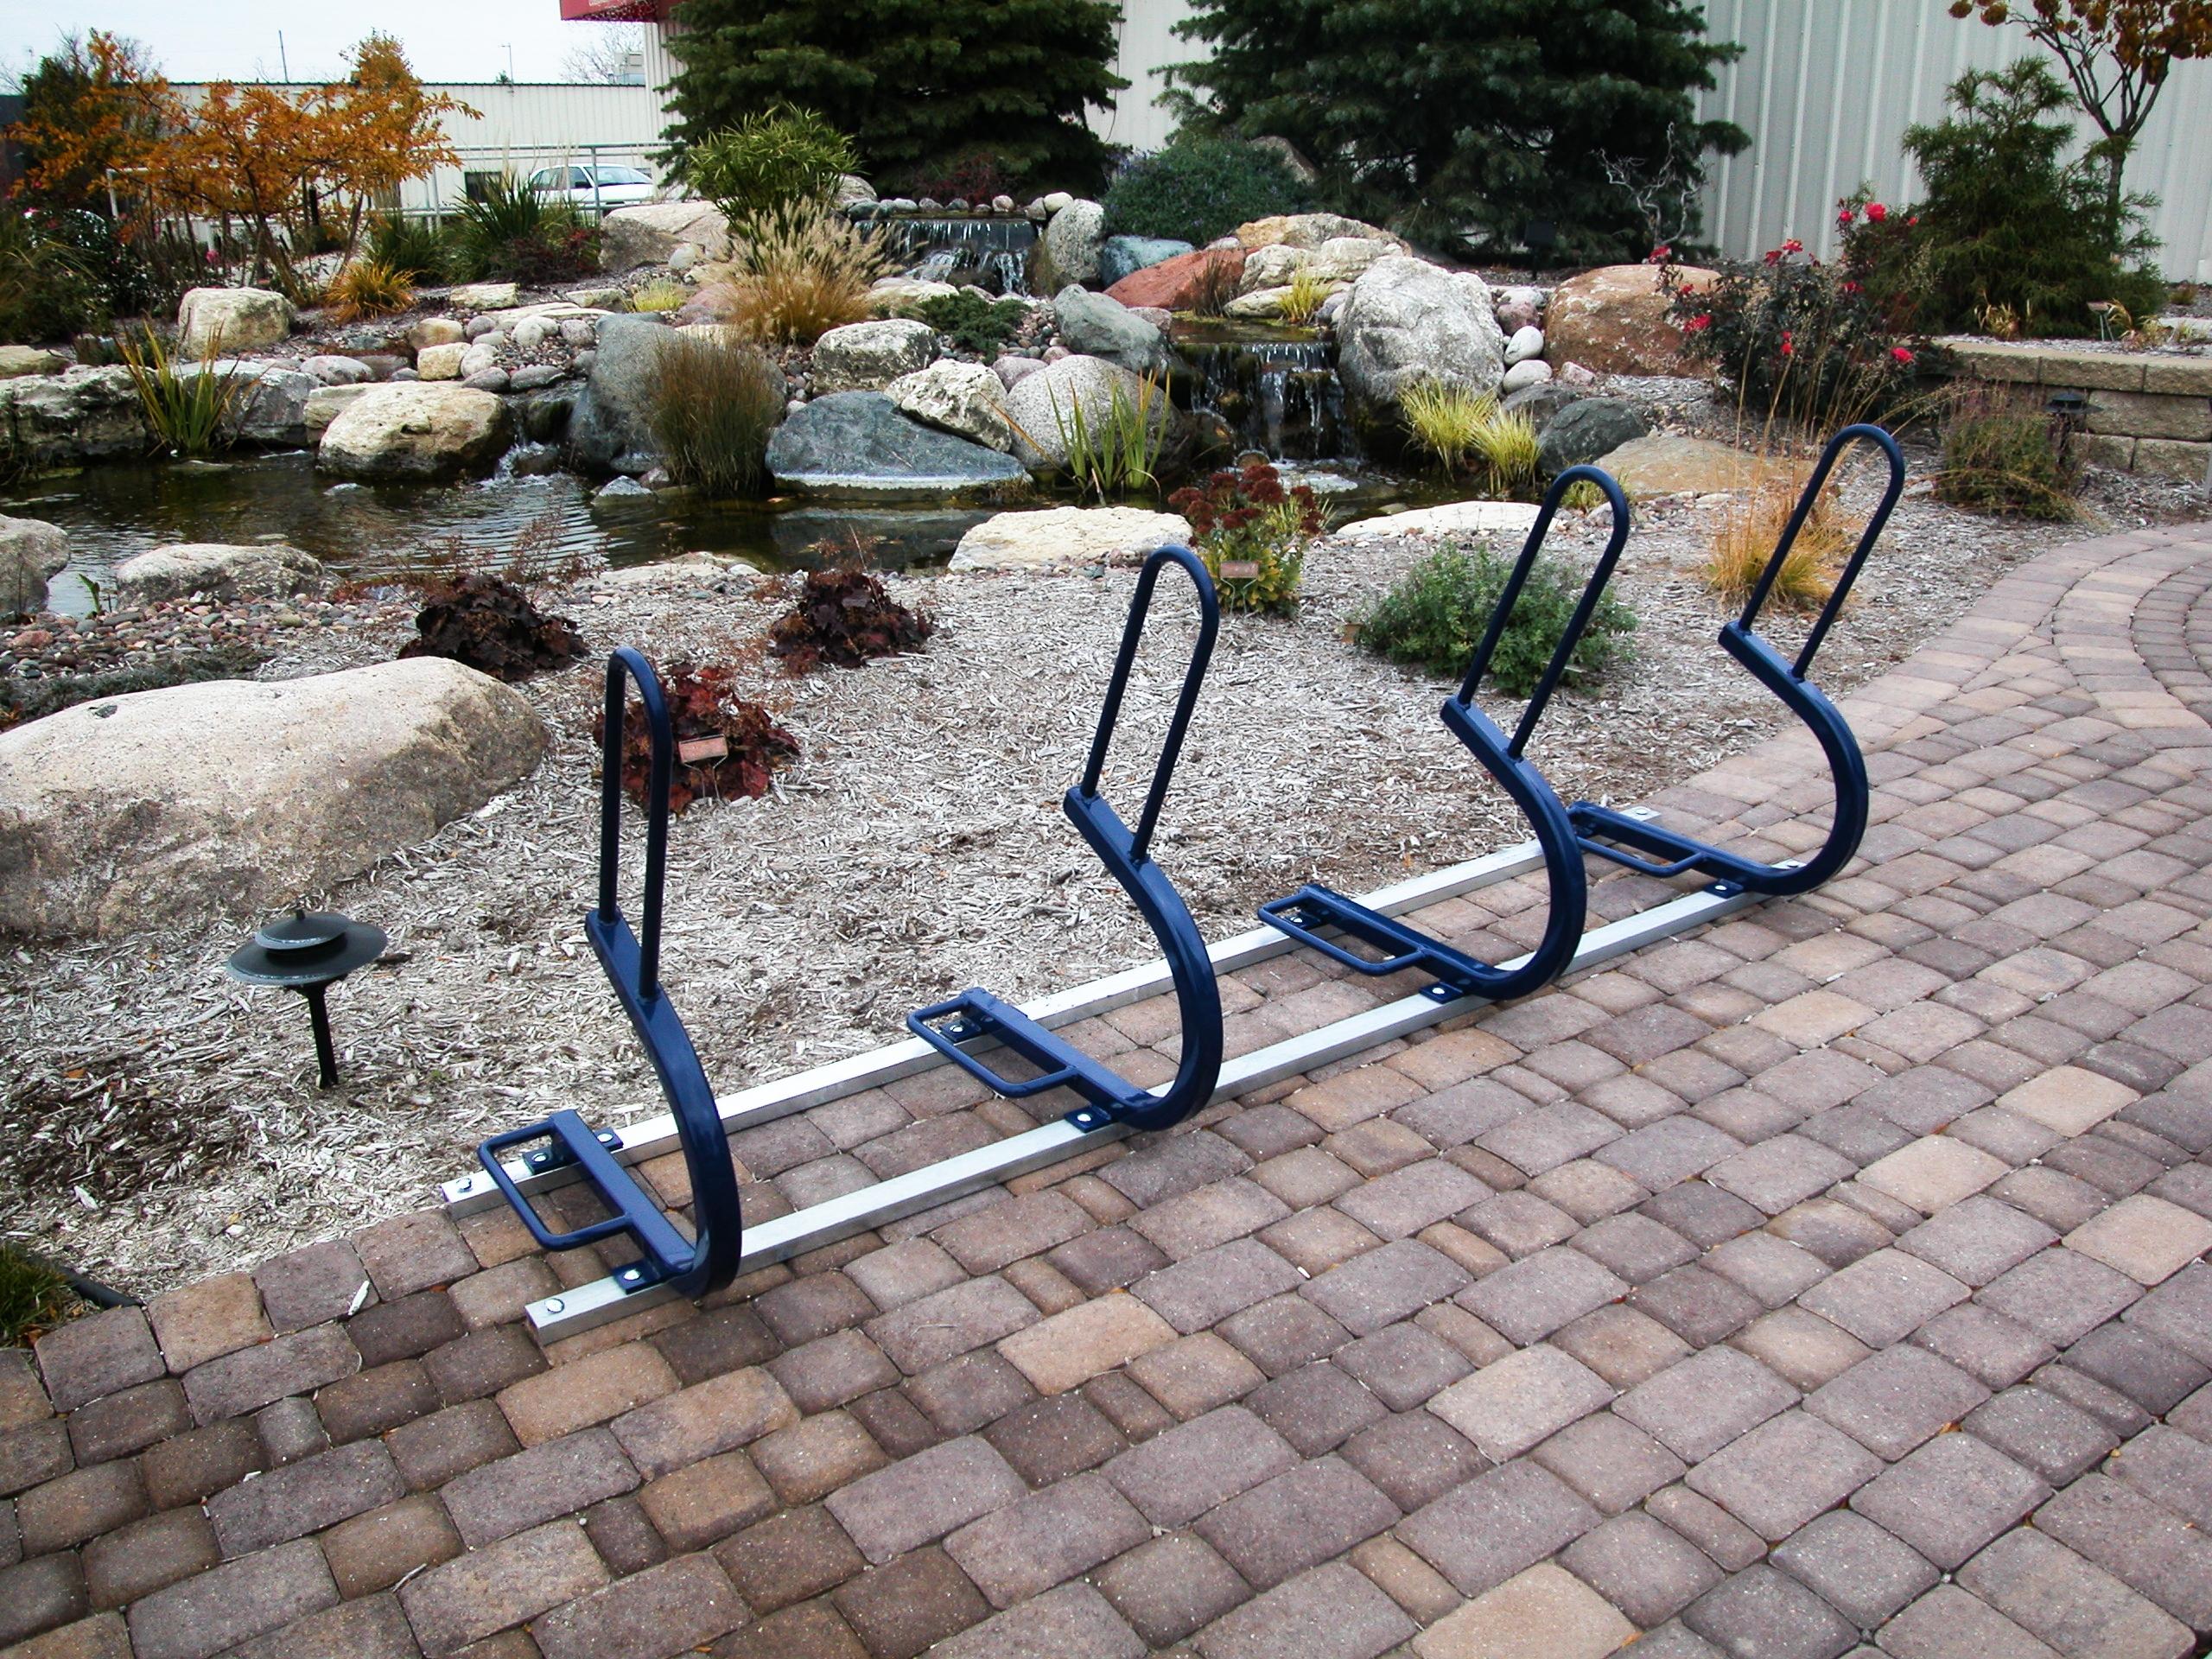 Sentry Bike Rack